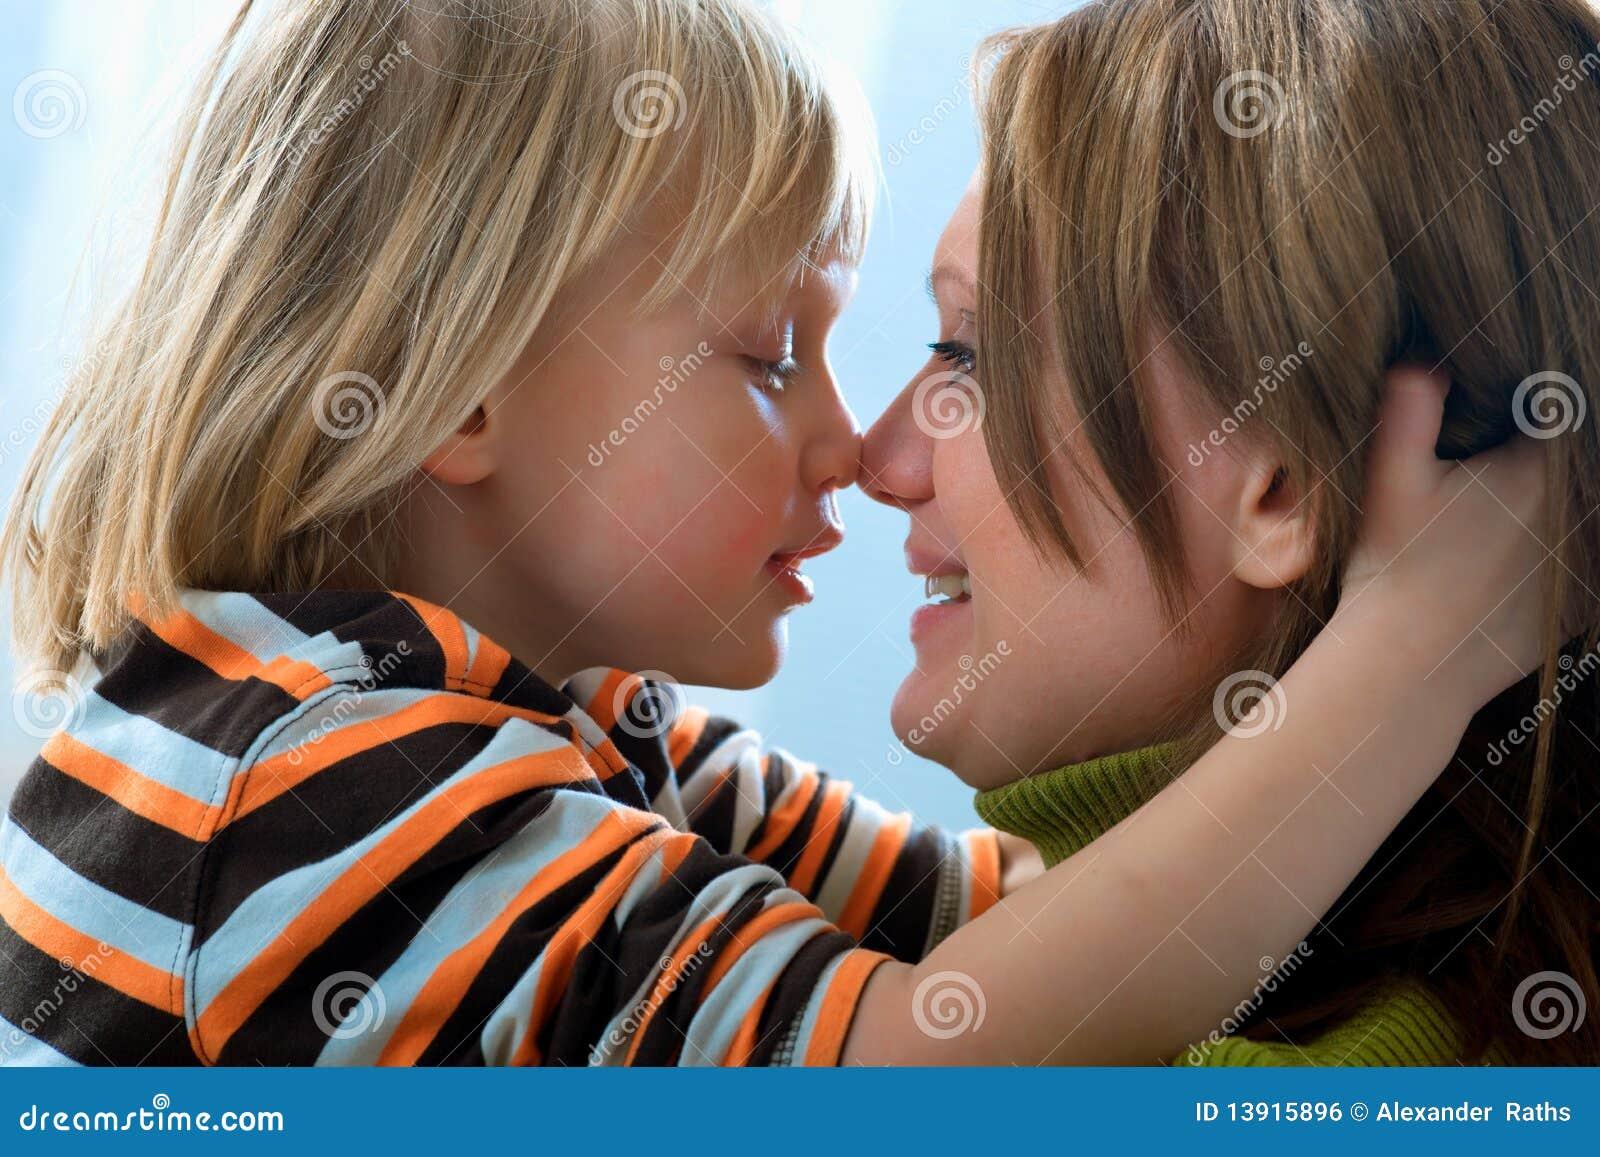 Смотрить син и мами 8 фотография